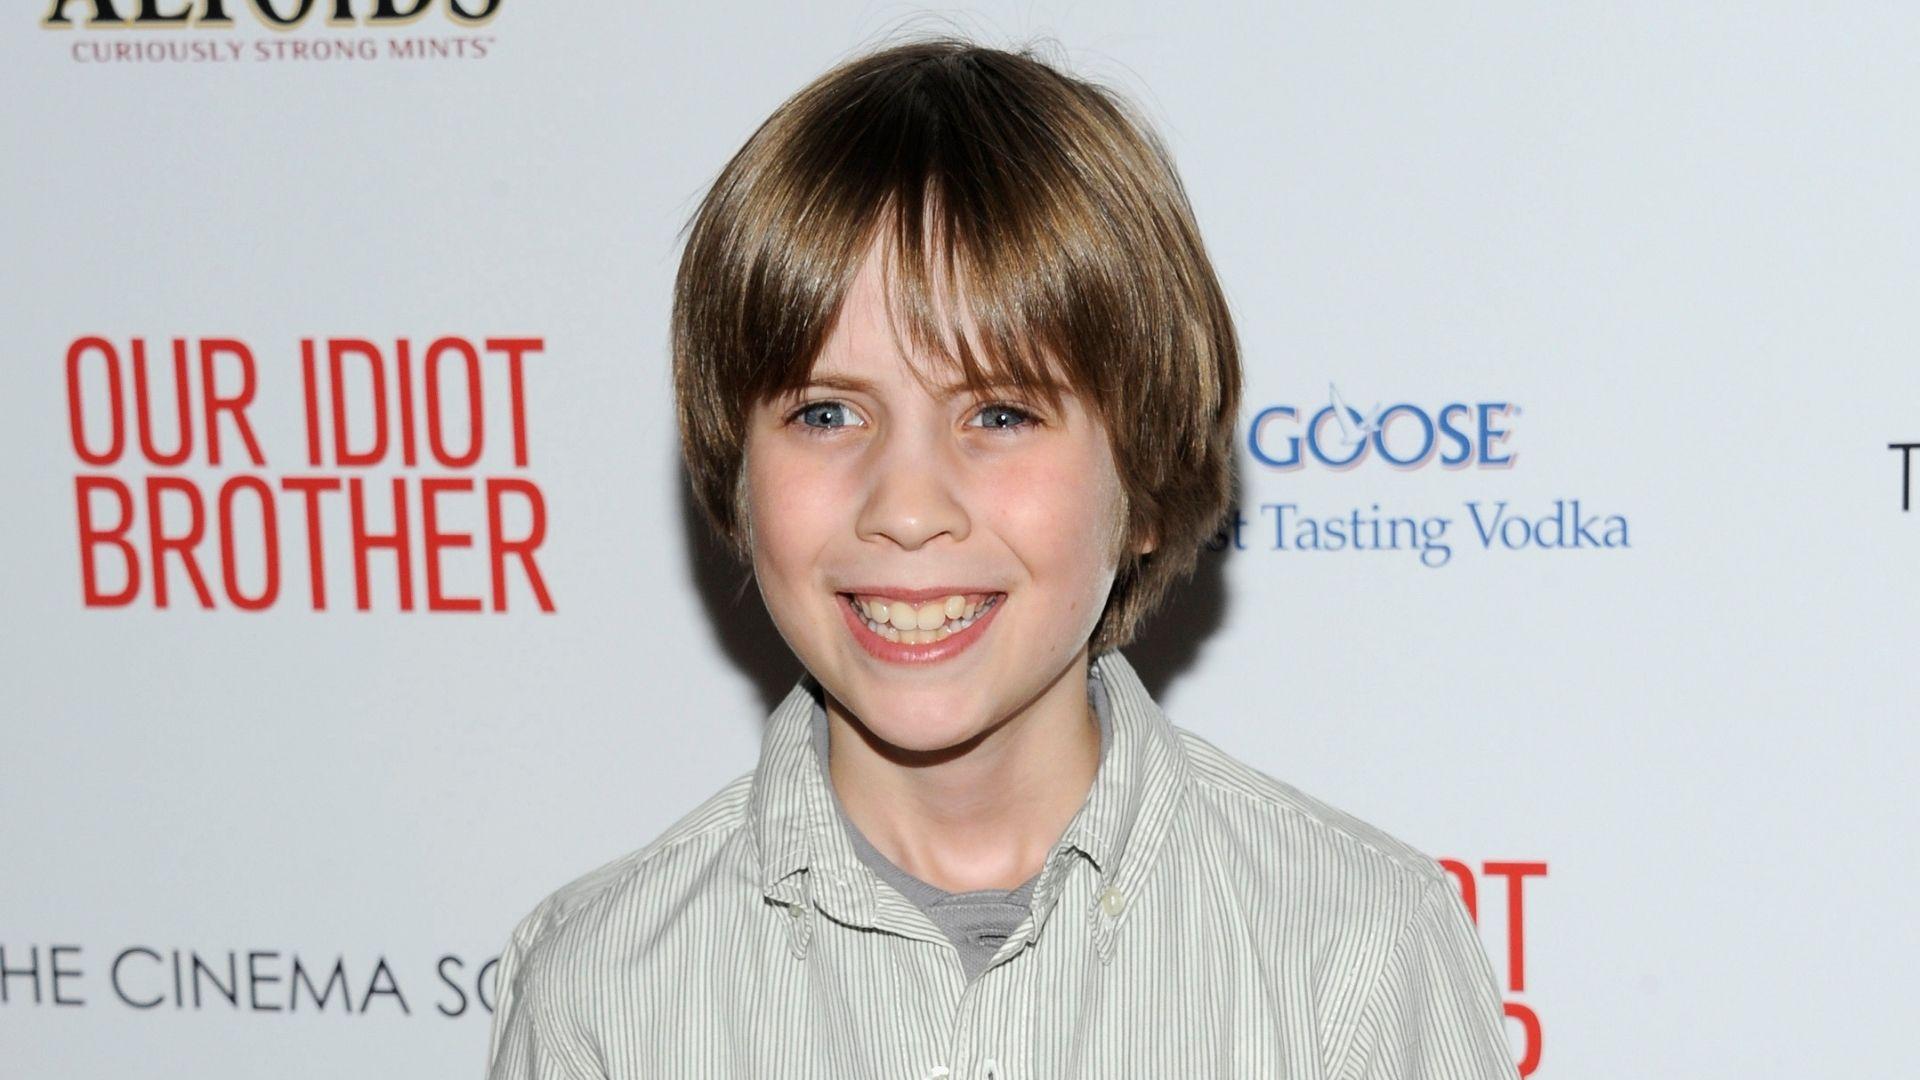 Child actor Matthew Mindler